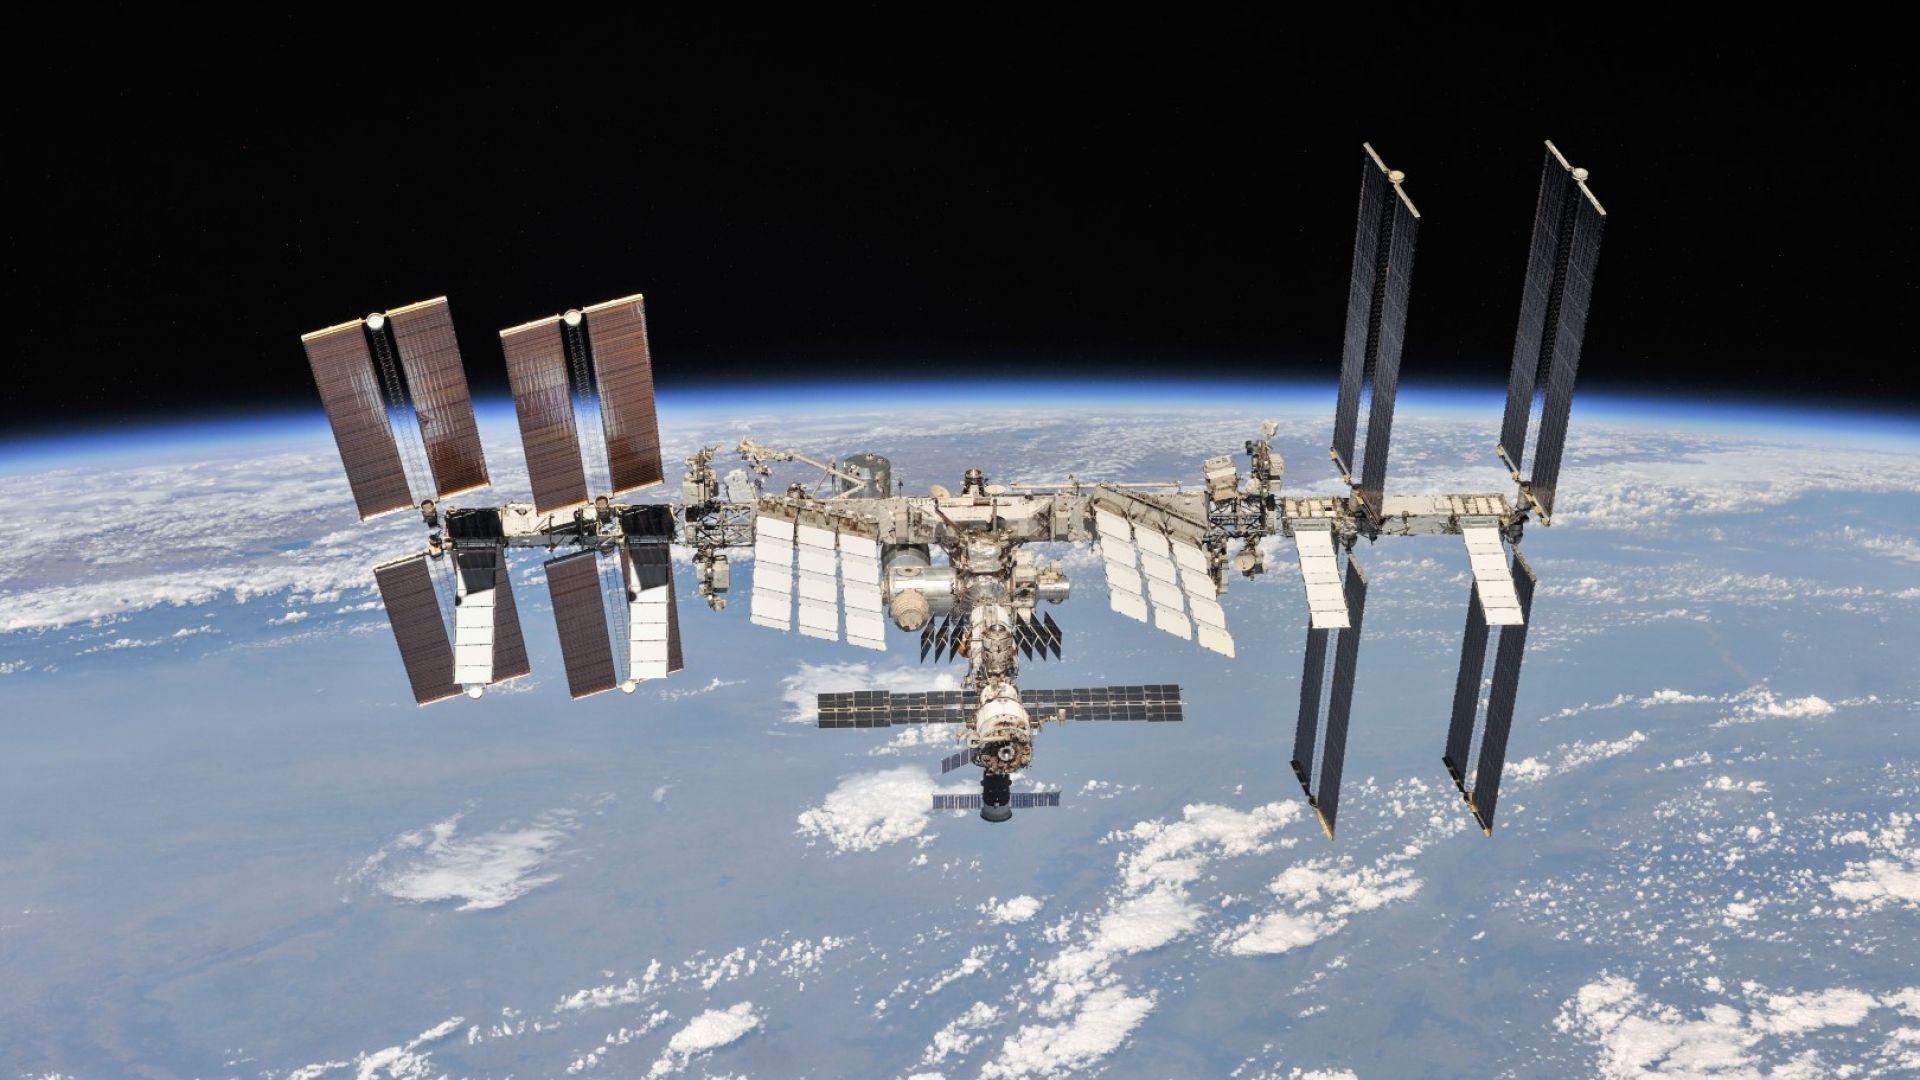 Проблем с електрозахранването възникна на МКС